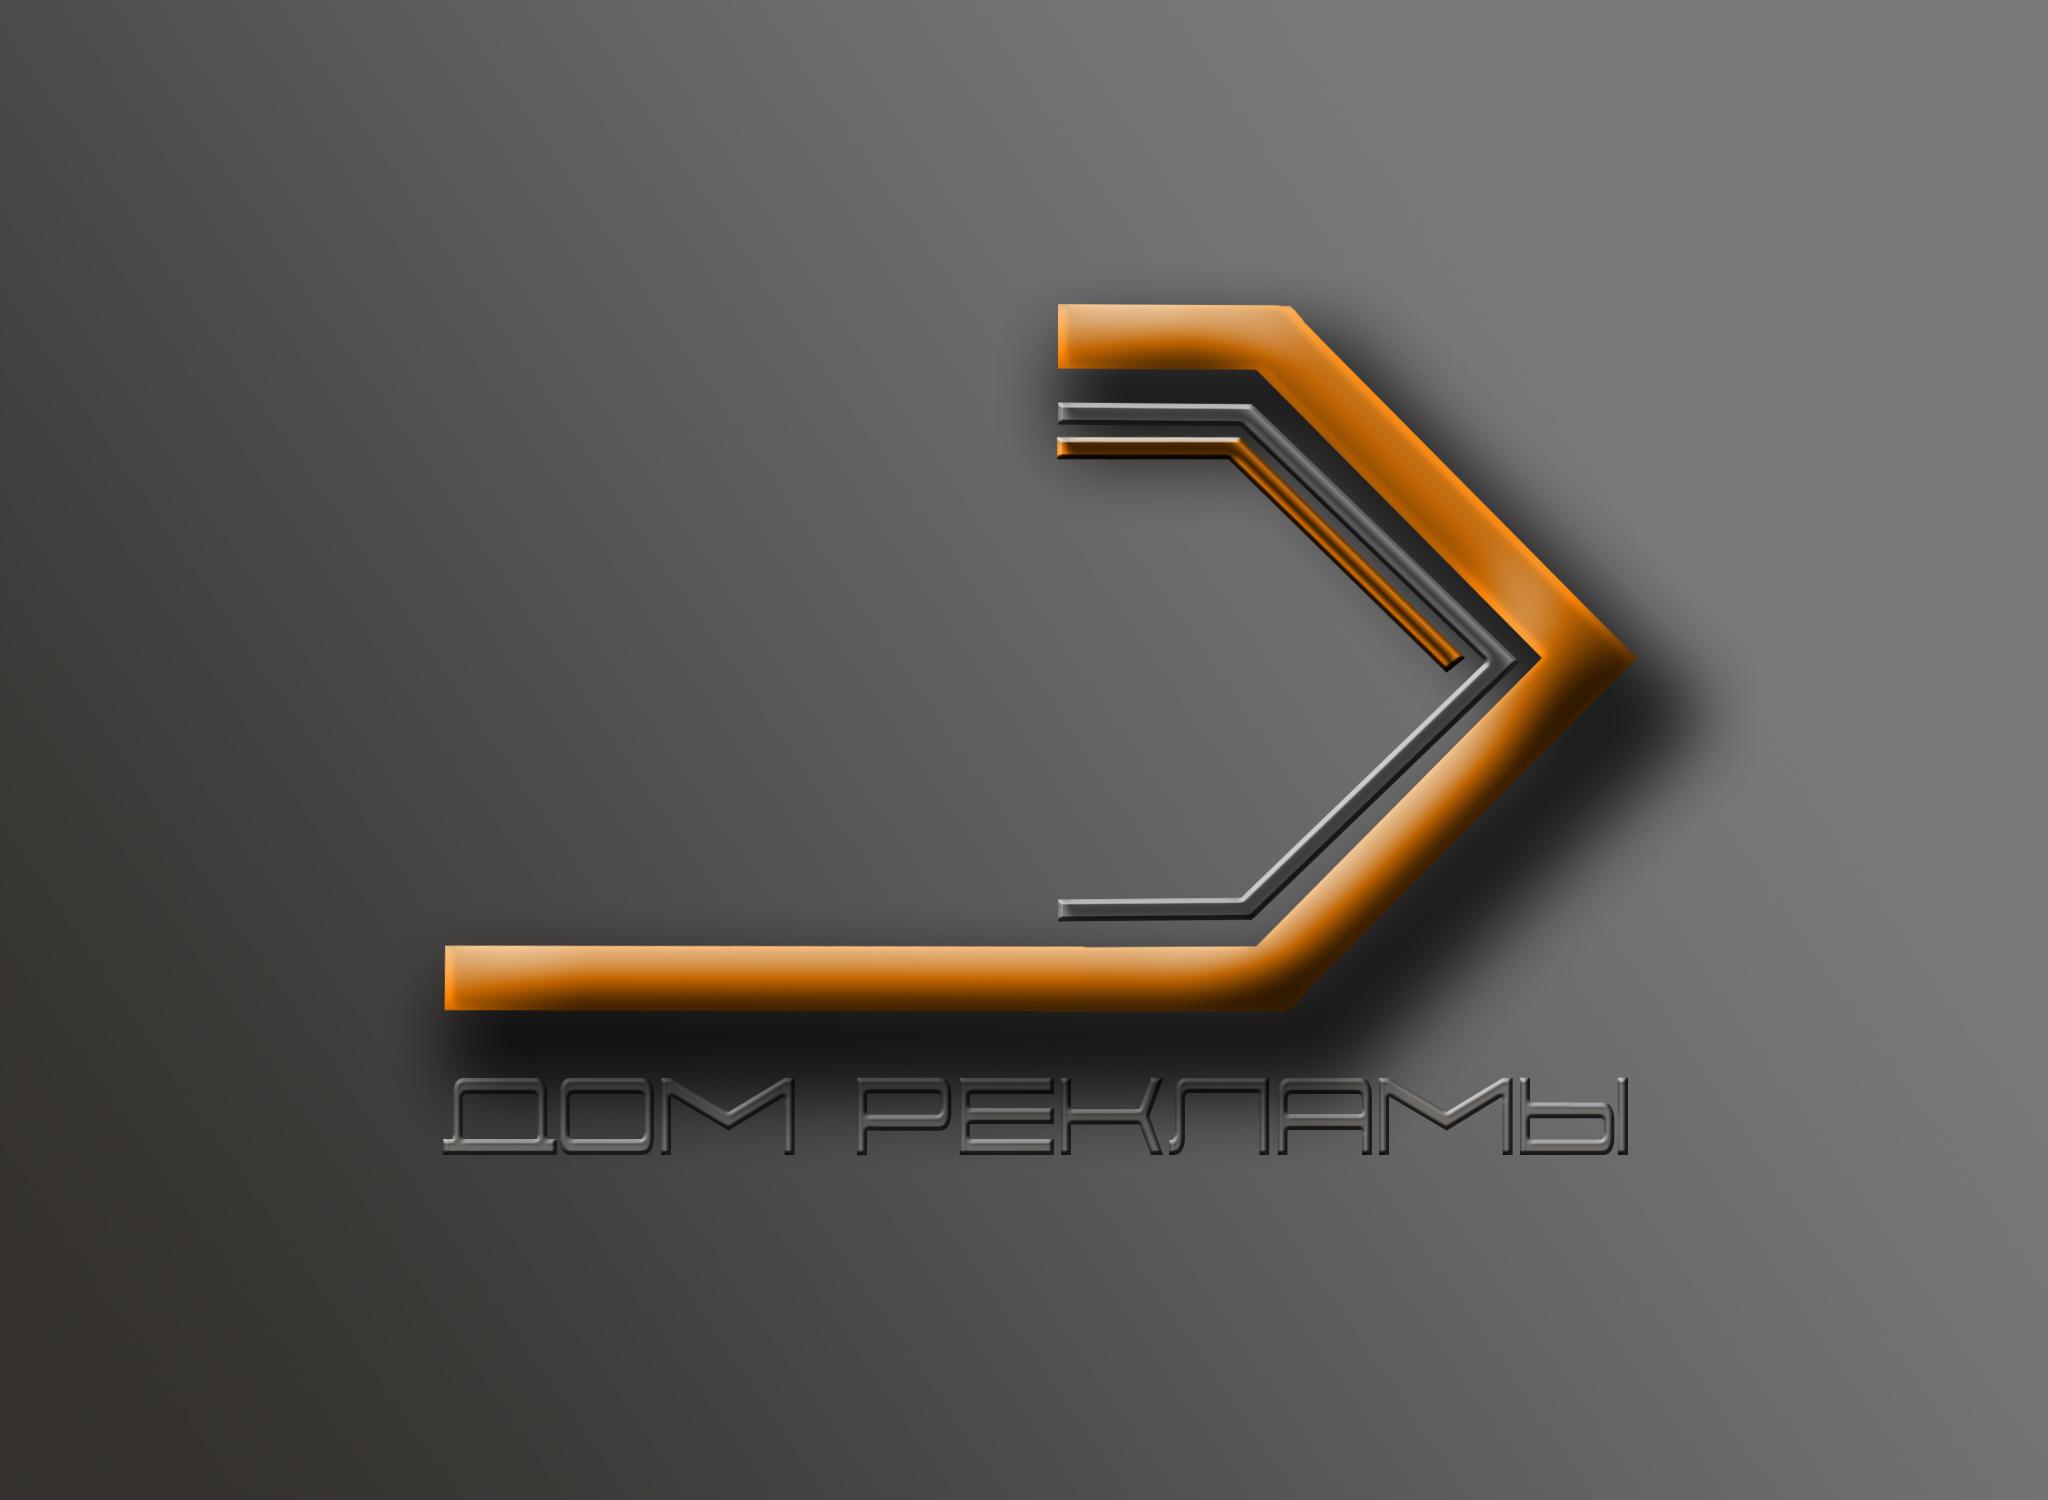 Дизайн логотипа рекламно-производственной компании фото f_8105eda383289d0d.jpg